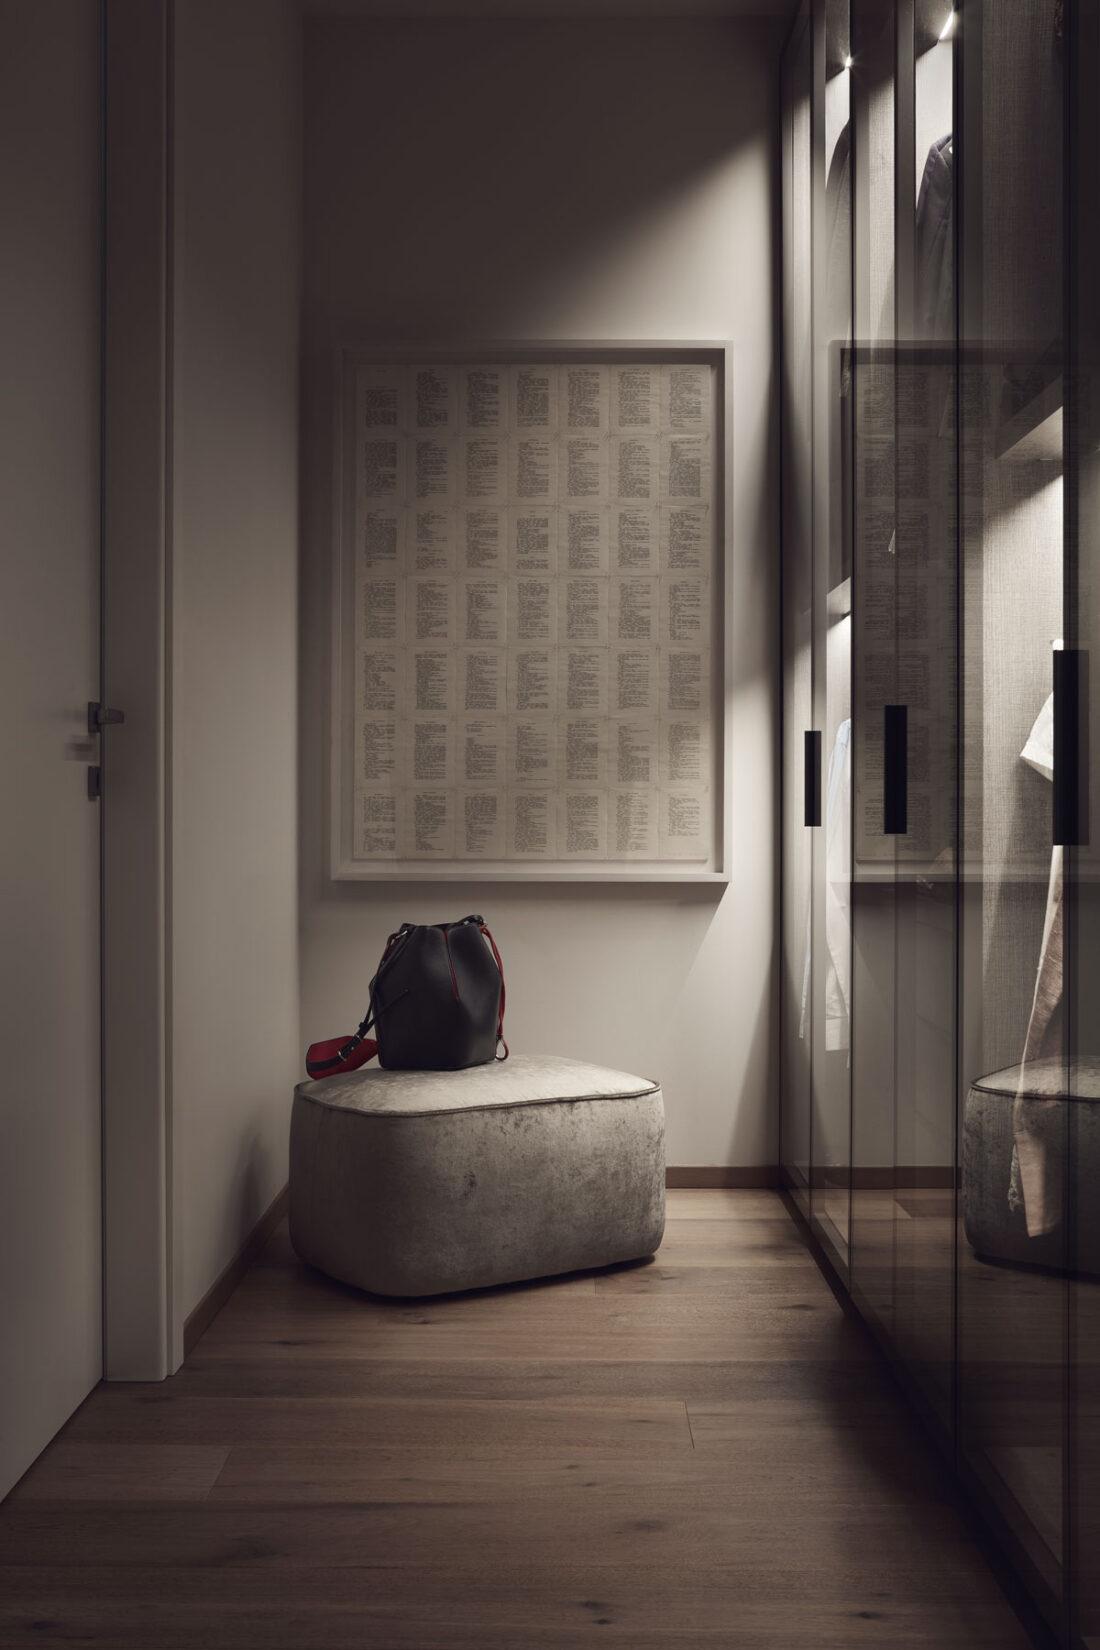 cabina armadio in vetro con pouf in velluto ed opera d'arte in carta